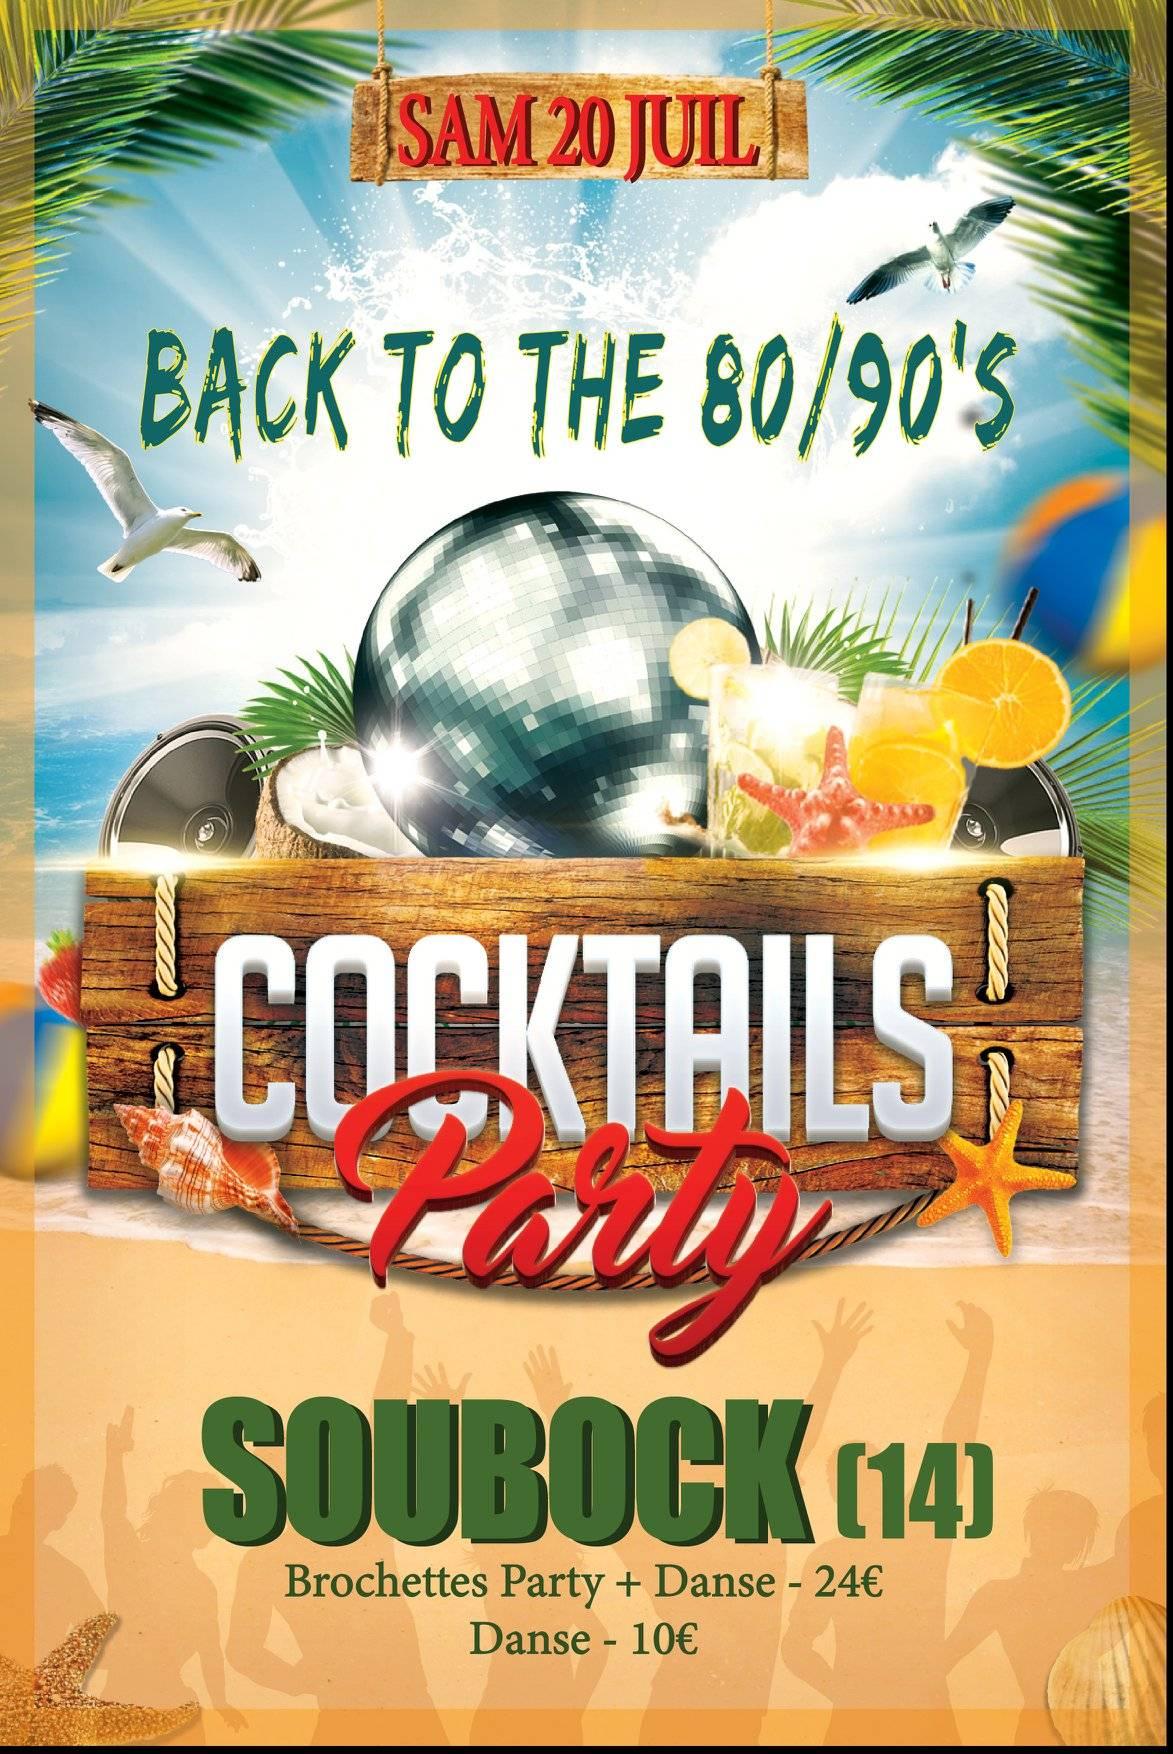 Cocktail Party - Soirée Années 80/90's